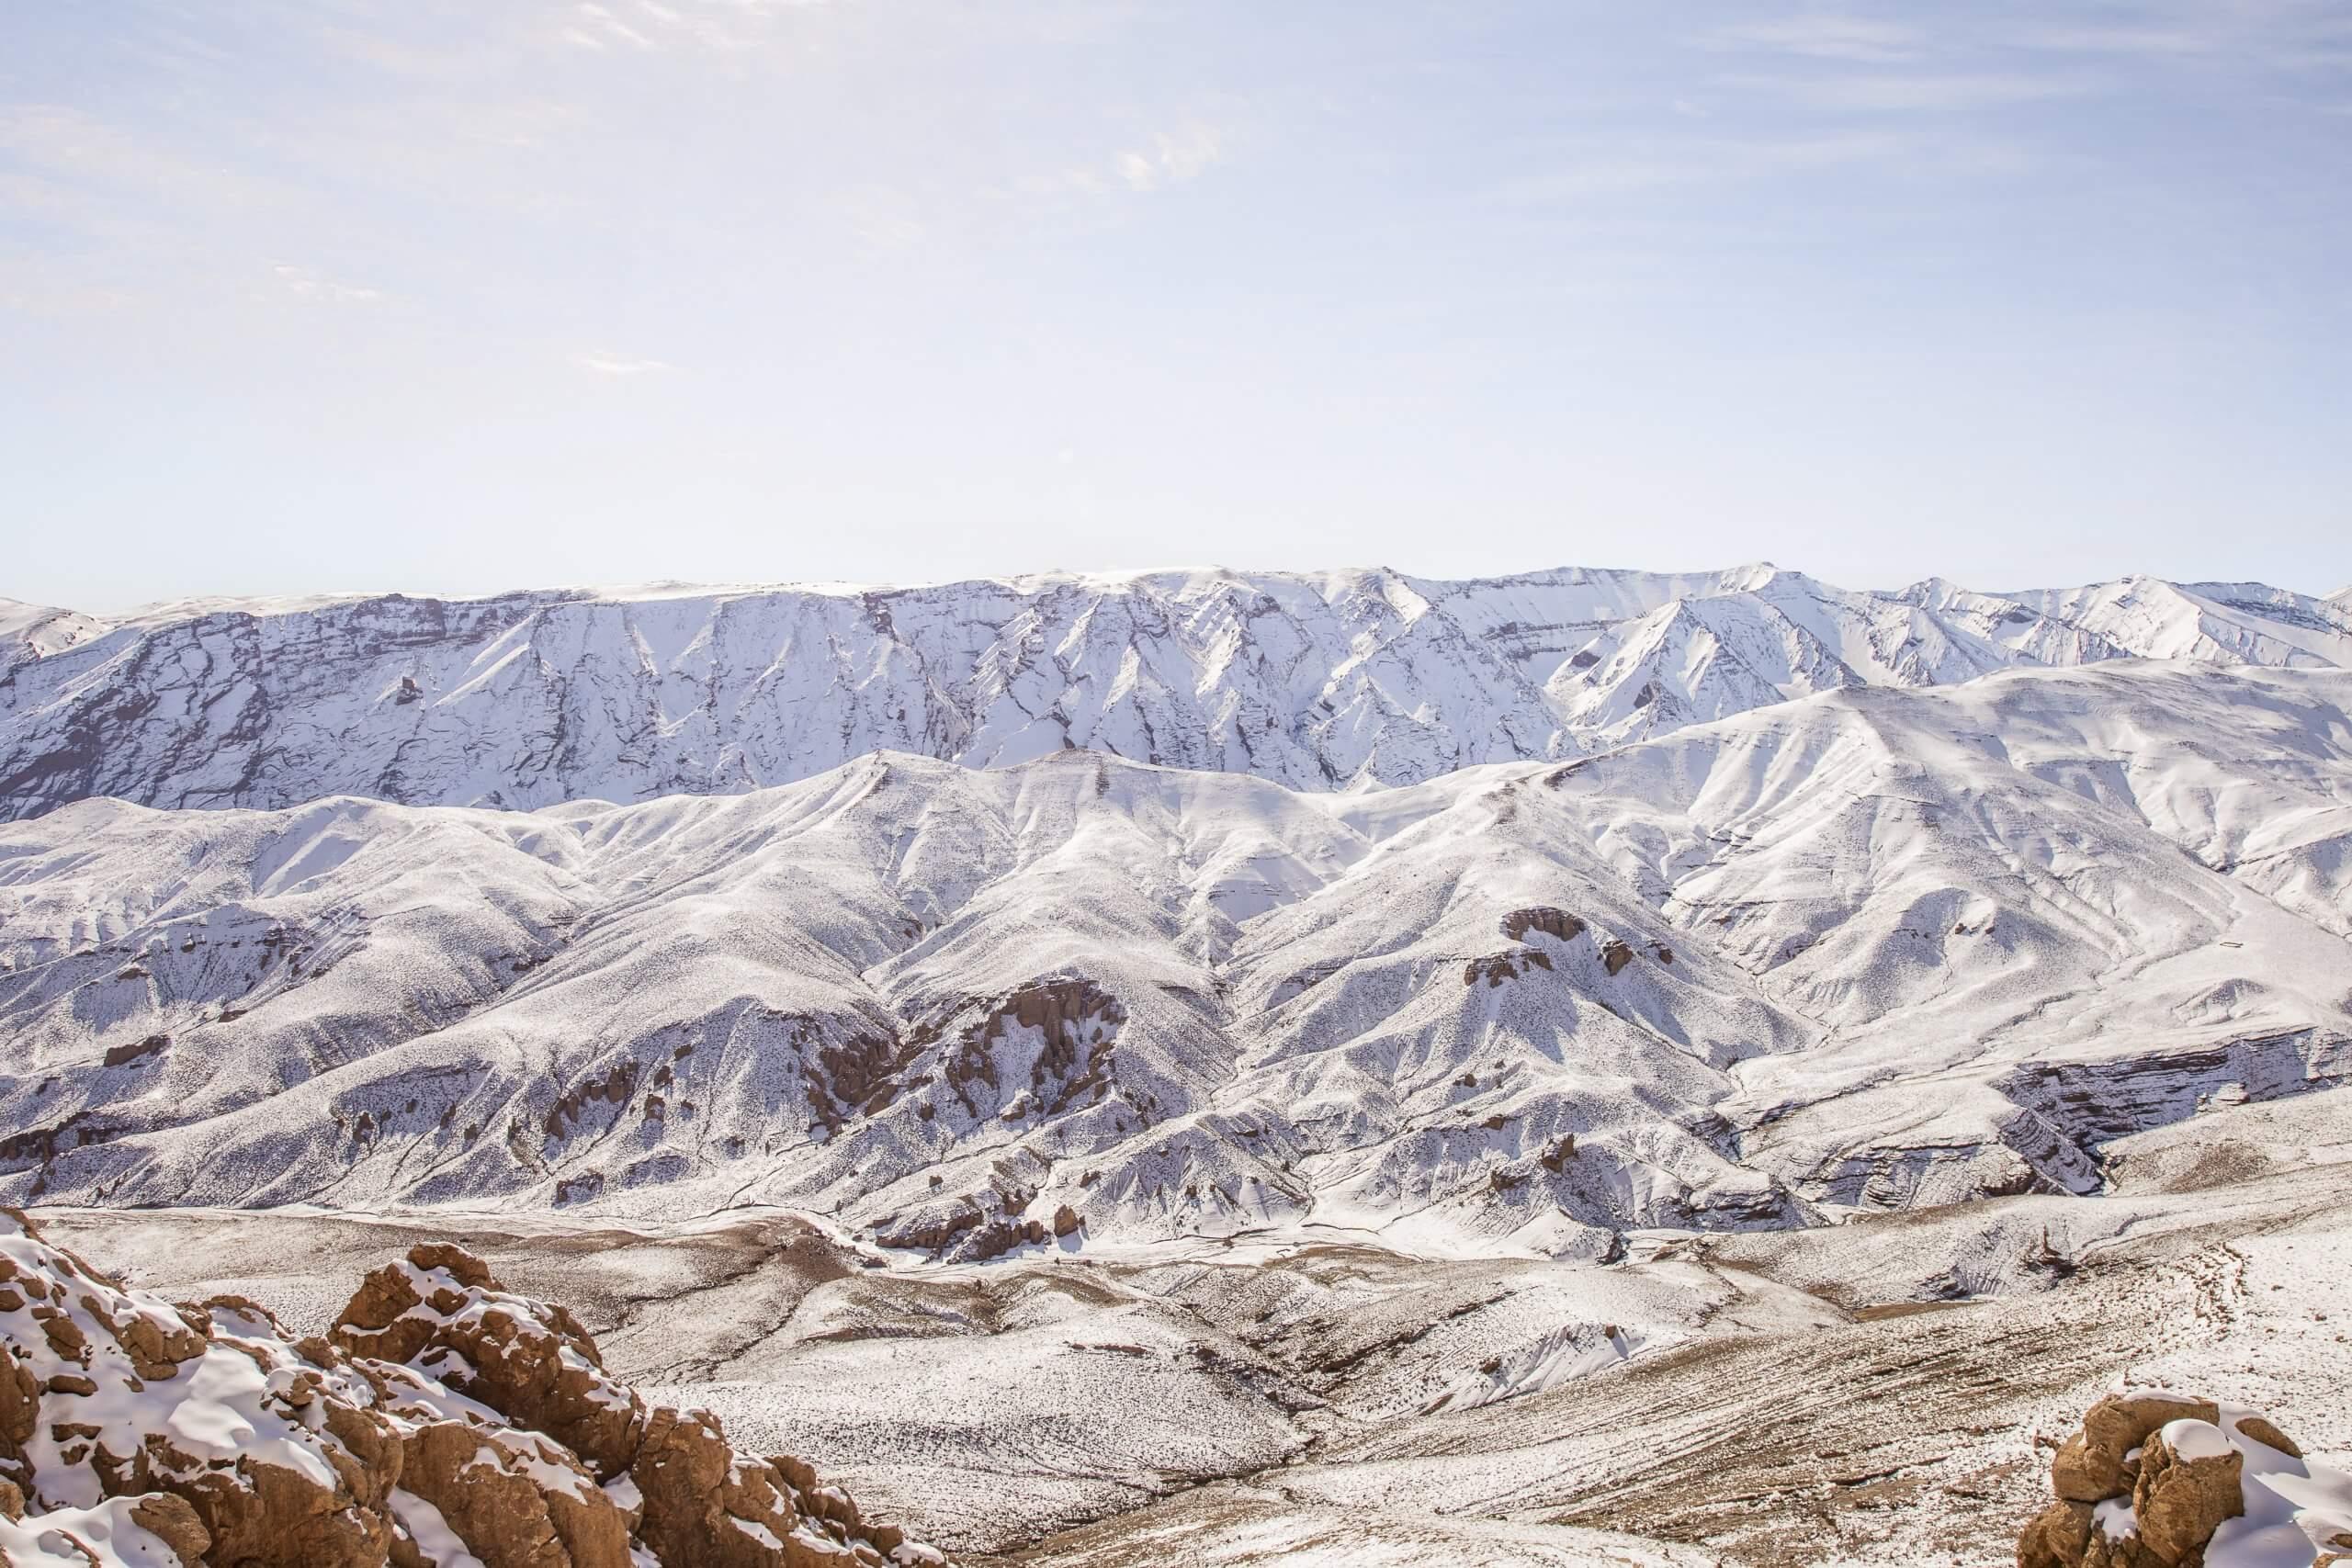 die schneebedeckten Gipfel des Hohen Atlas